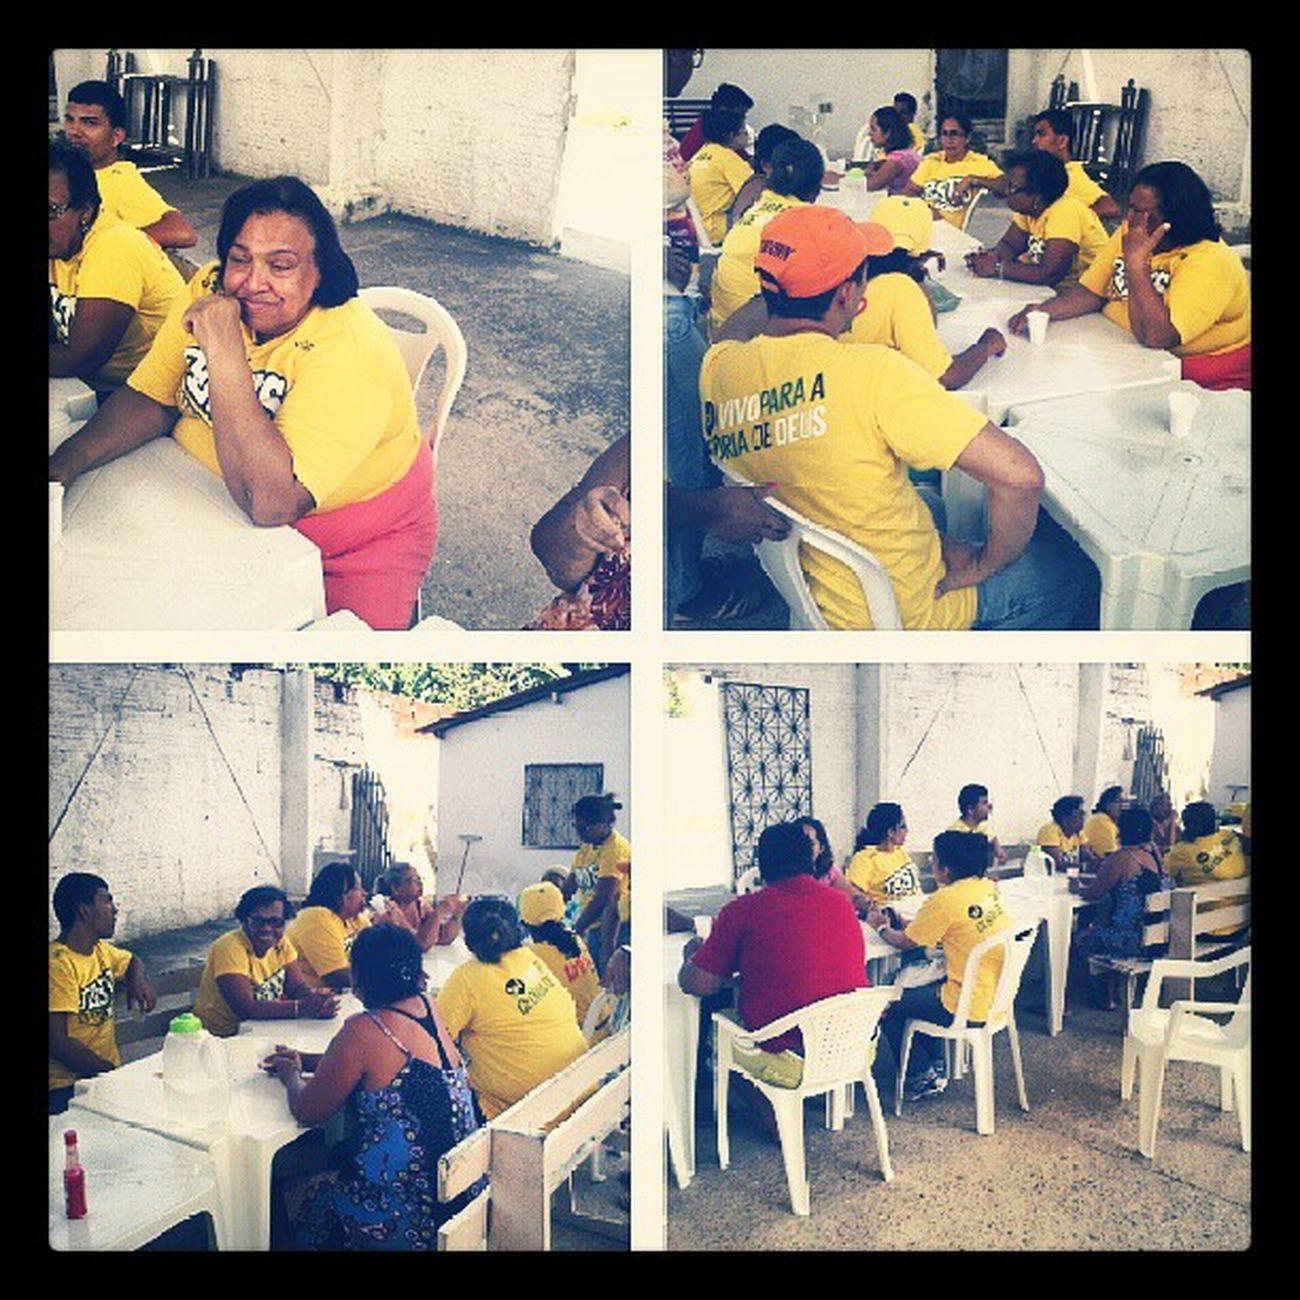 Missionários reunidos. Muita bom estar com eles. Miss õesNacionais Evangeliza ção Evangelizar Godislove Deusacimadetudo